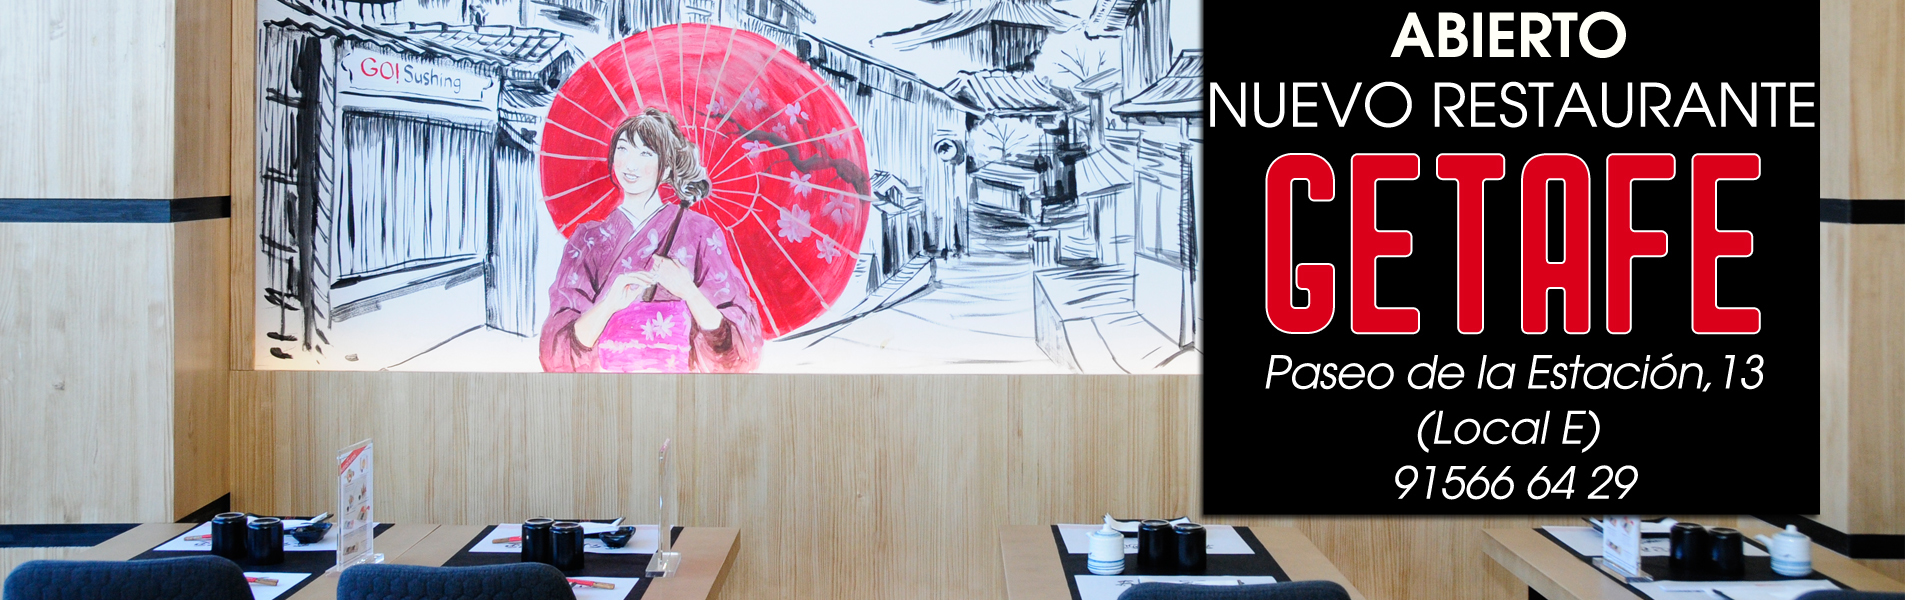 Abierto nuevo restaurante GETAFE